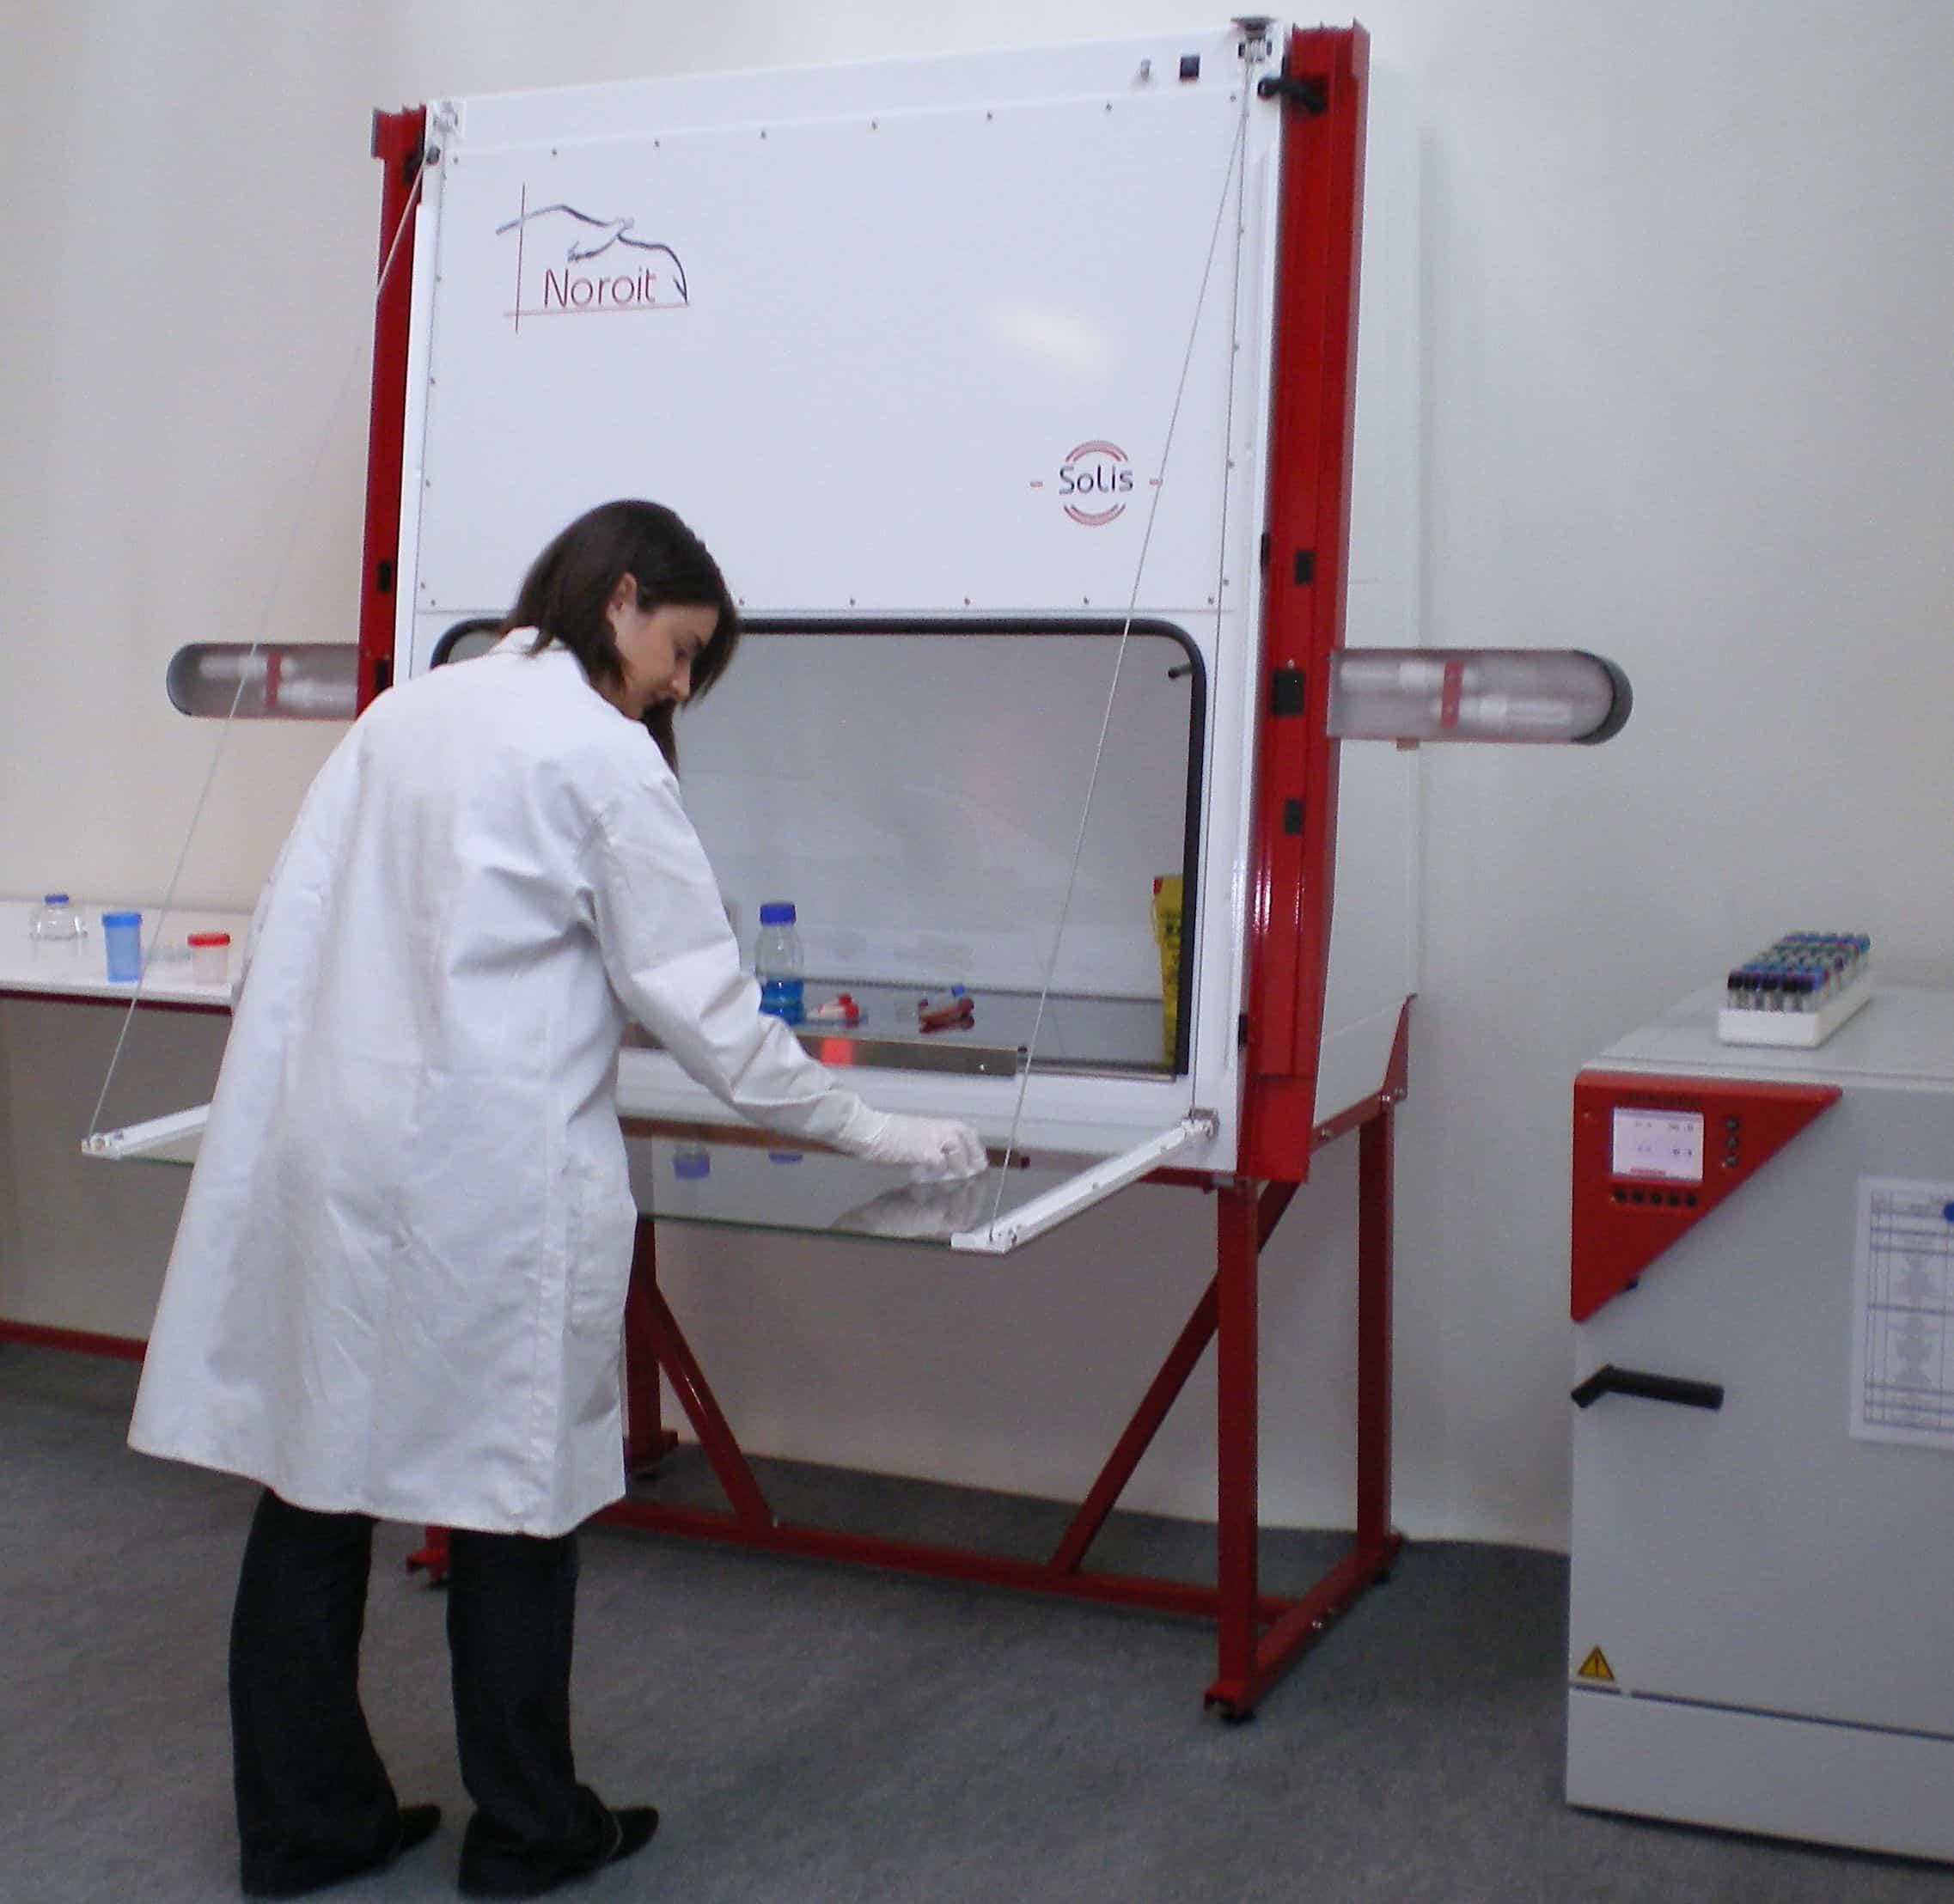 Une femme ingénieure du labo Noroit